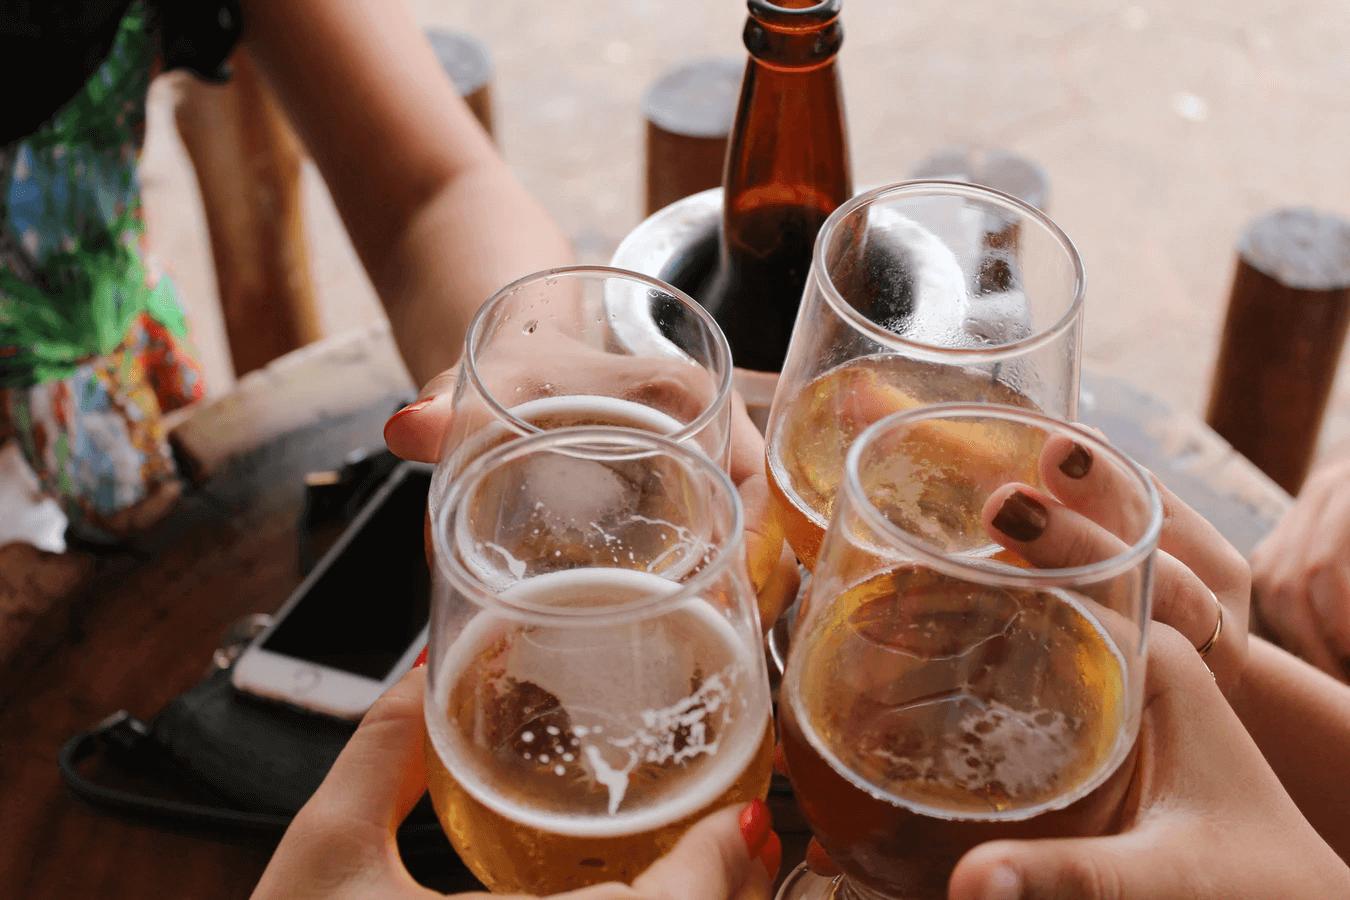 Friends drinking at Anaheim brewery